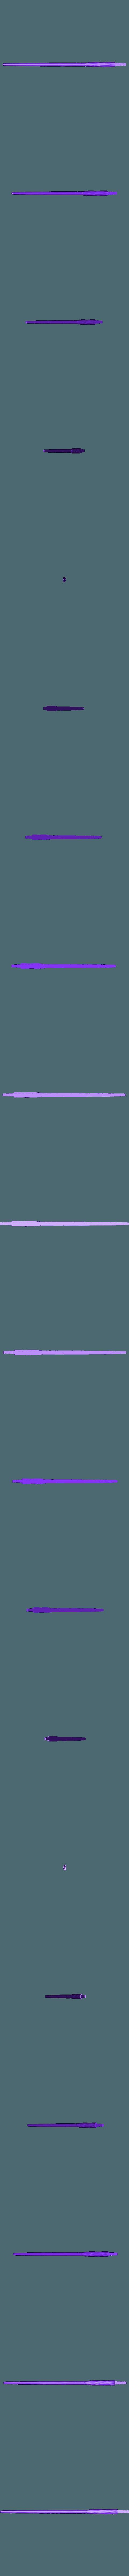 WandHarrypart03A.OBJ Télécharger fichier OBJ gratuit baguette magique harry potter accessoire • Objet à imprimer en 3D, LowSeb